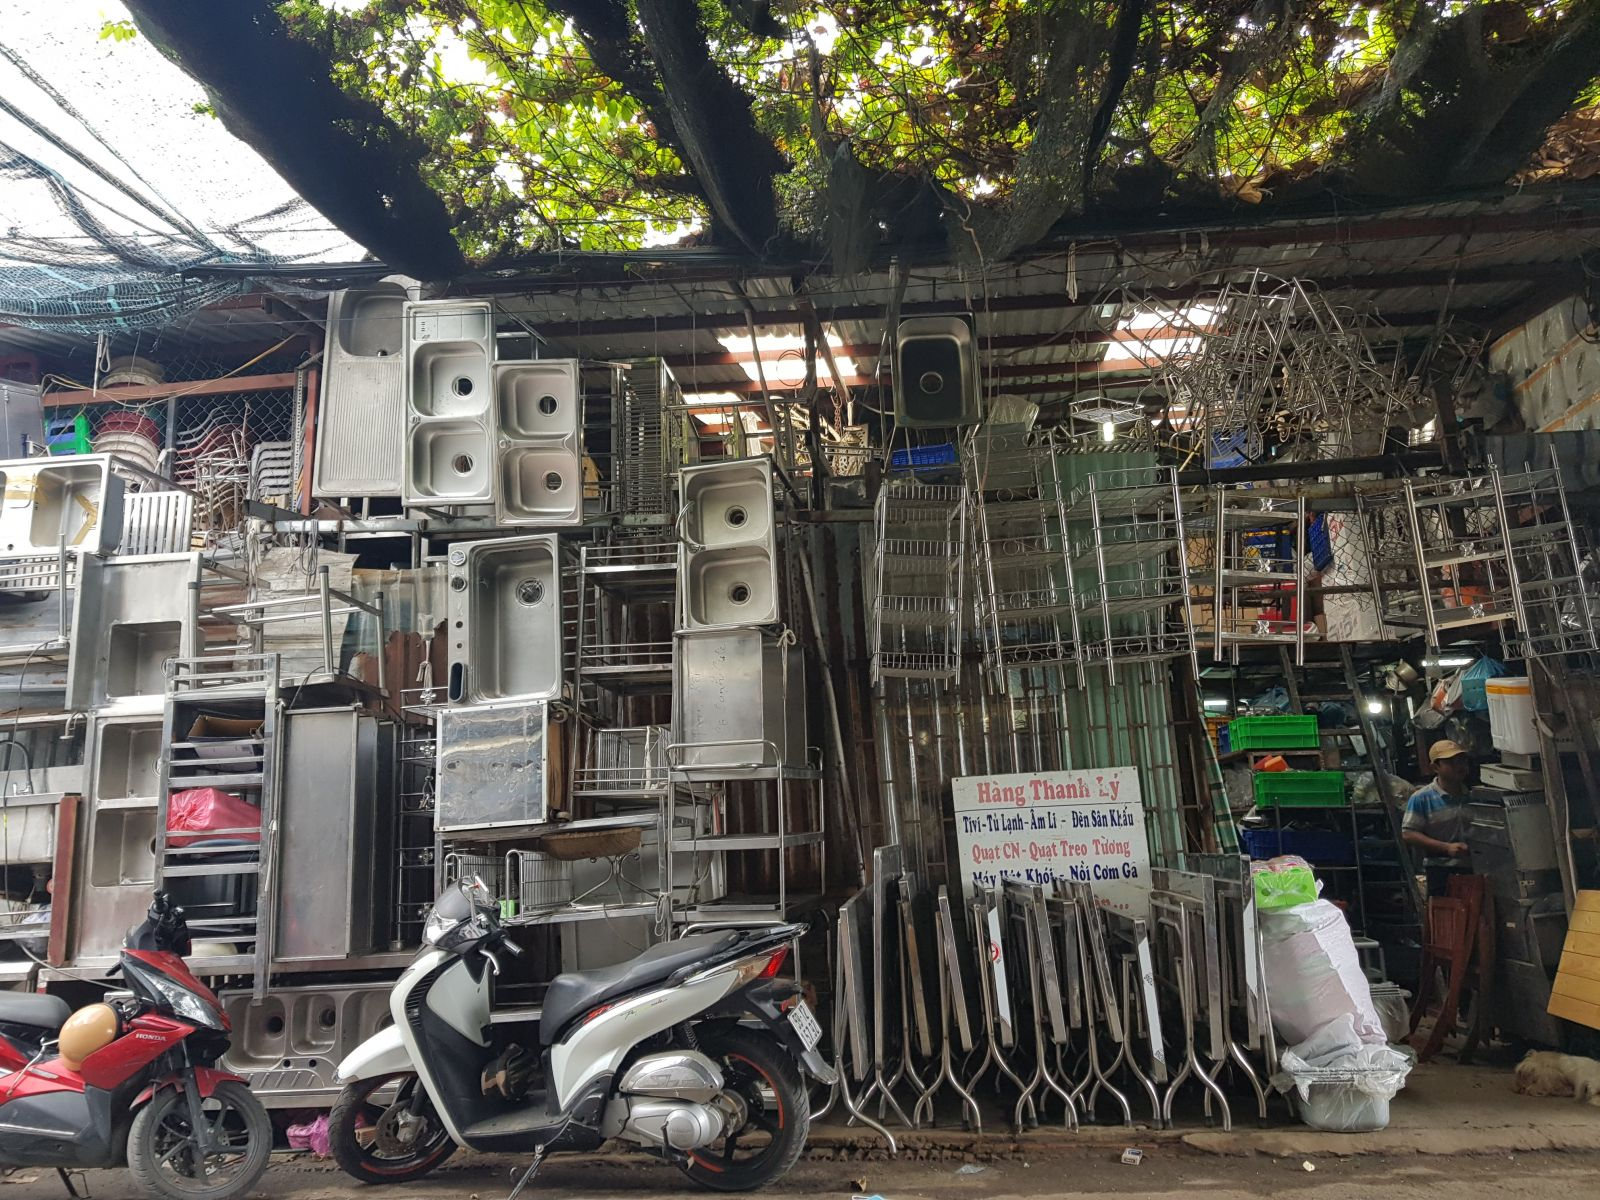 Chợ mua bán đồ cũ tại Hà Nội uy tsin